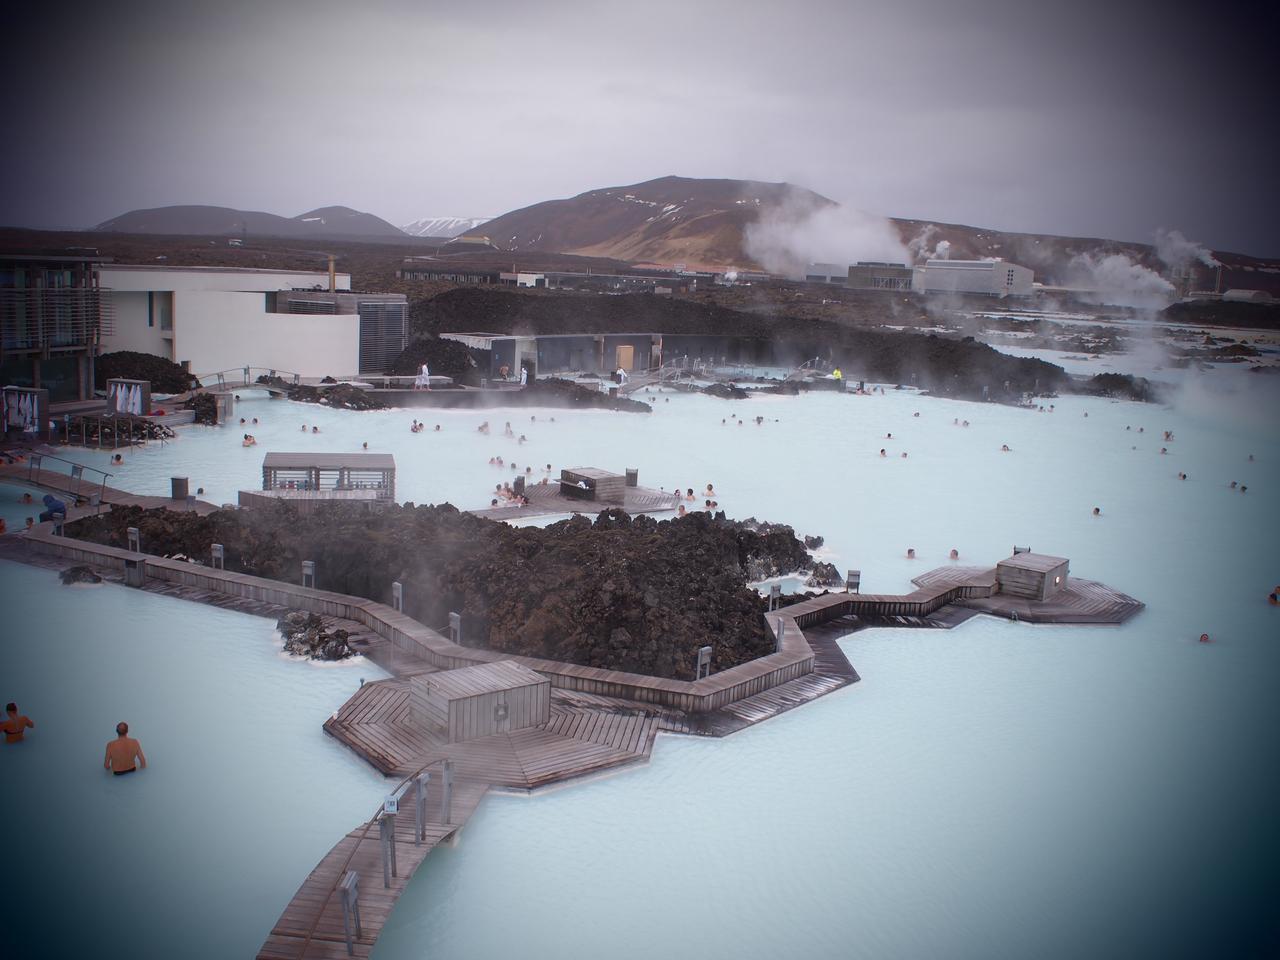 アイスランド旅行がオススメな3つの理由 [FRaU]